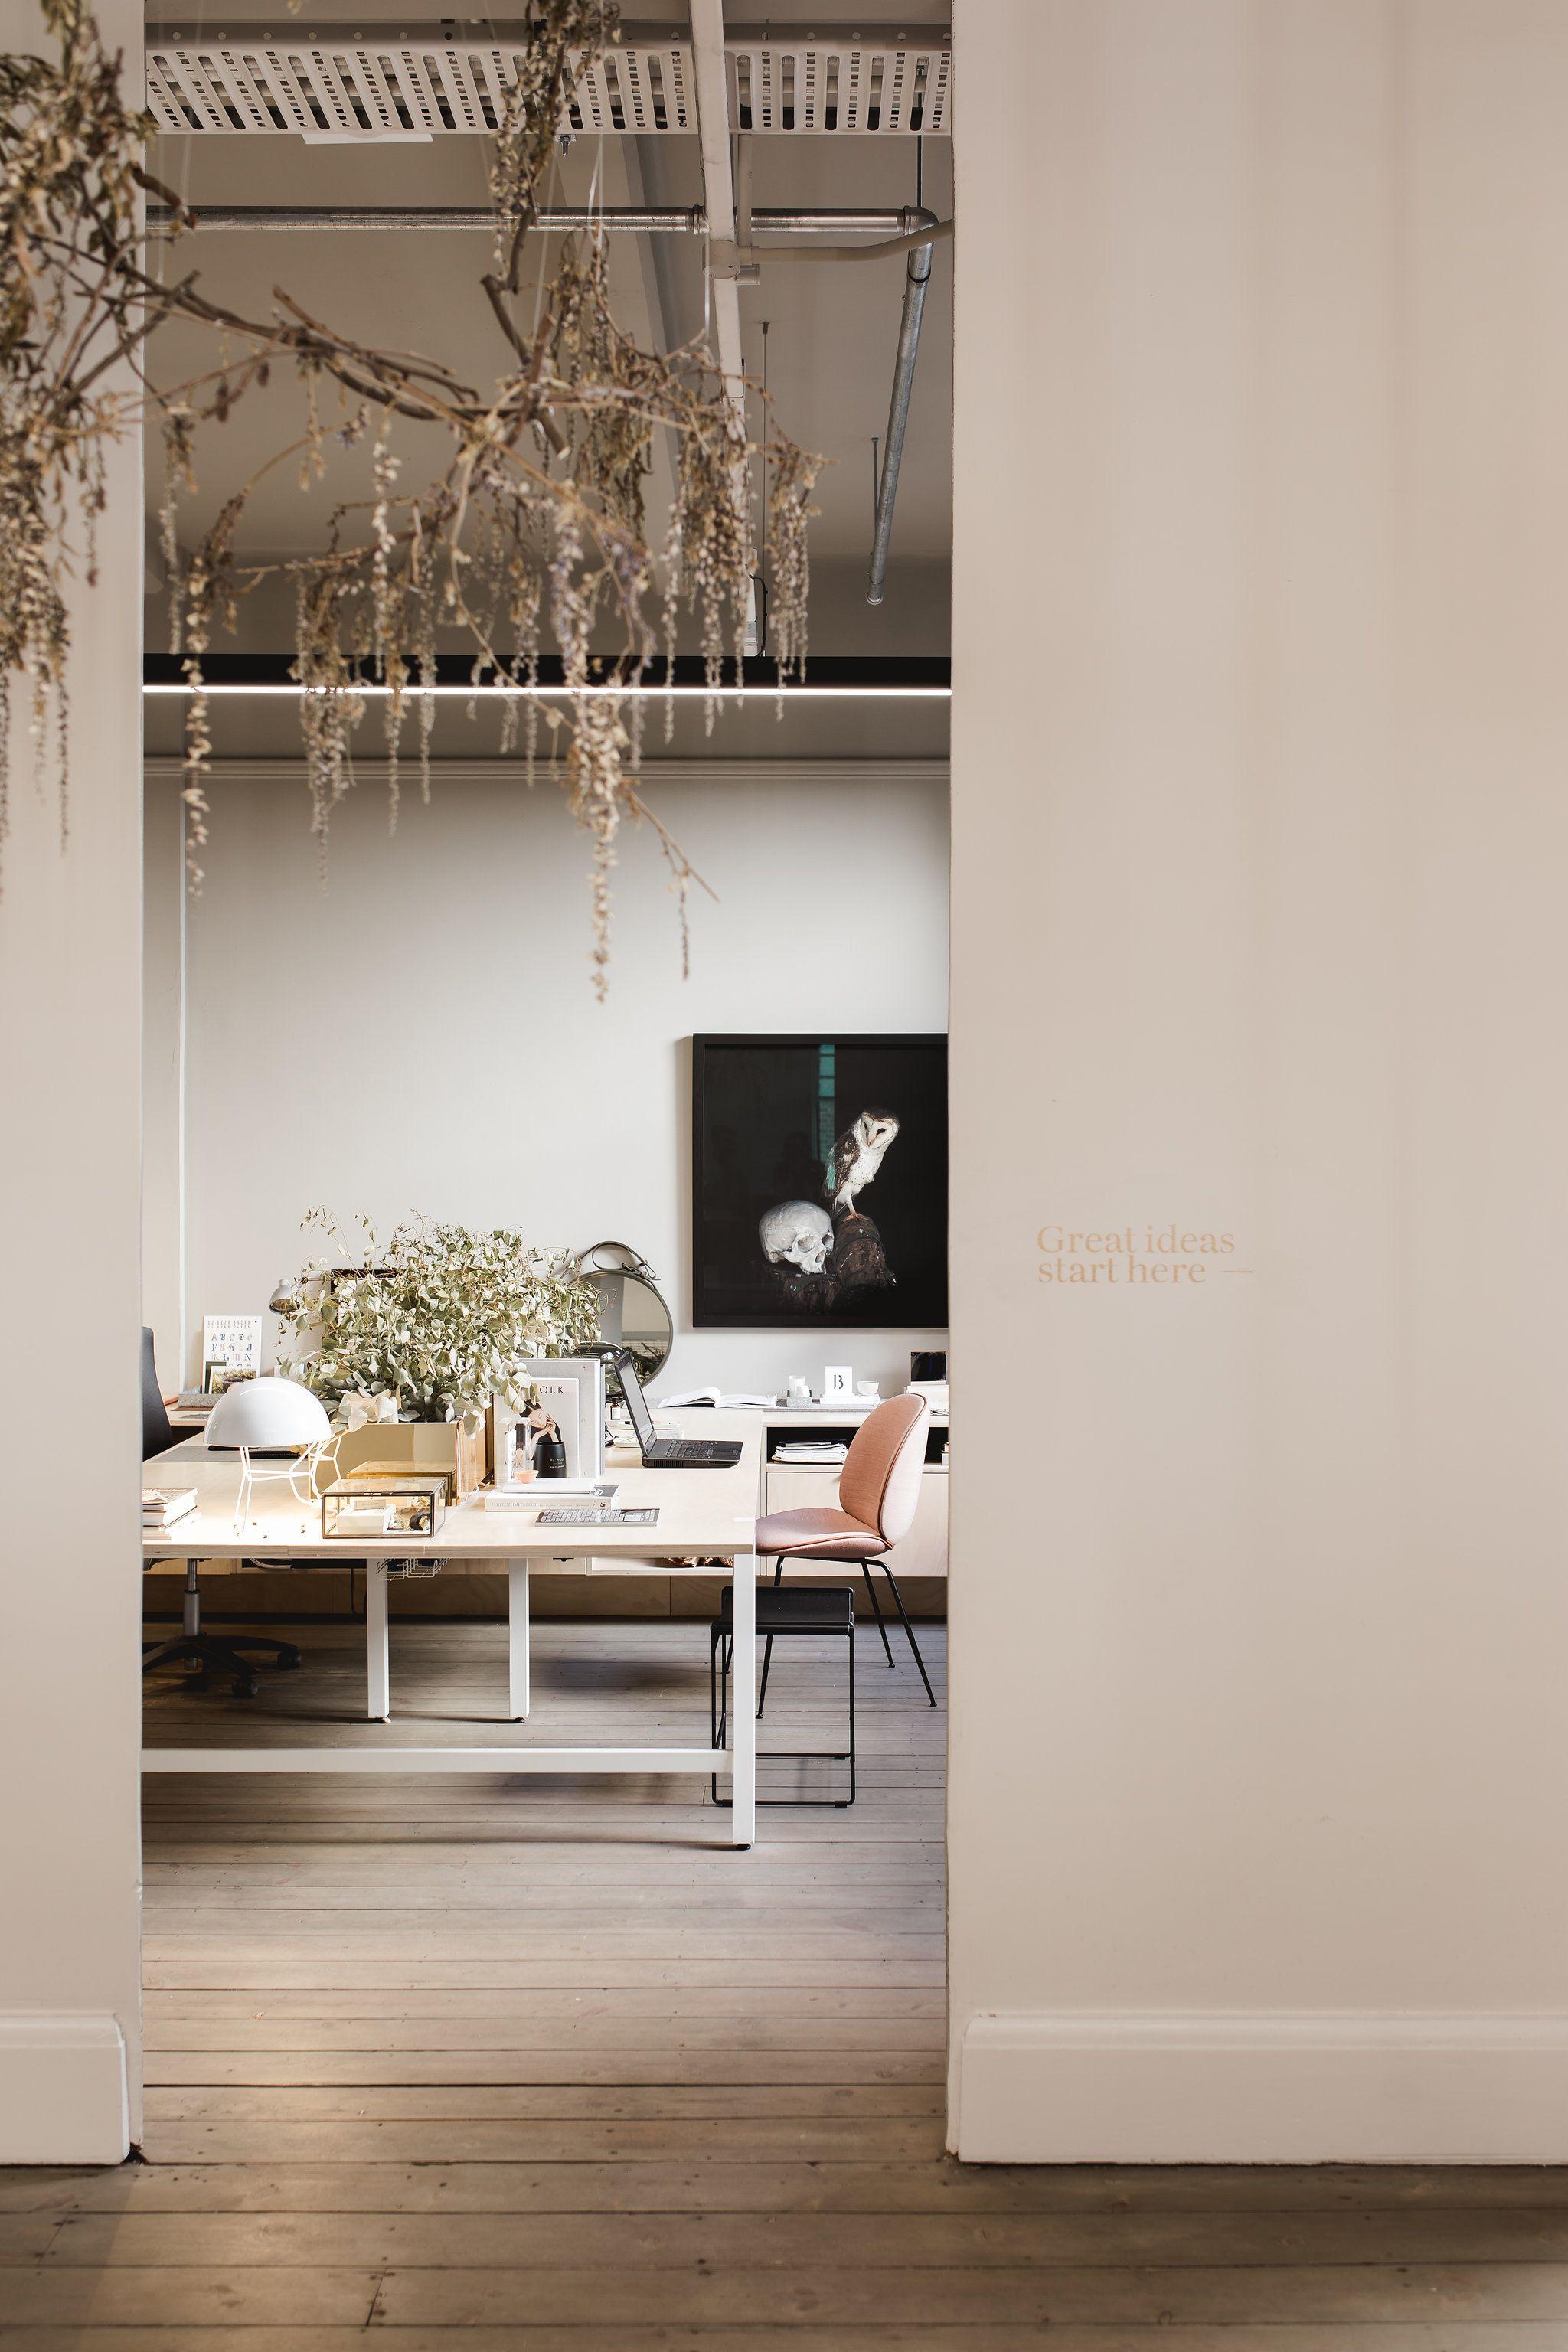 williams burton leopardi studio office design interior interior rh pinterest com